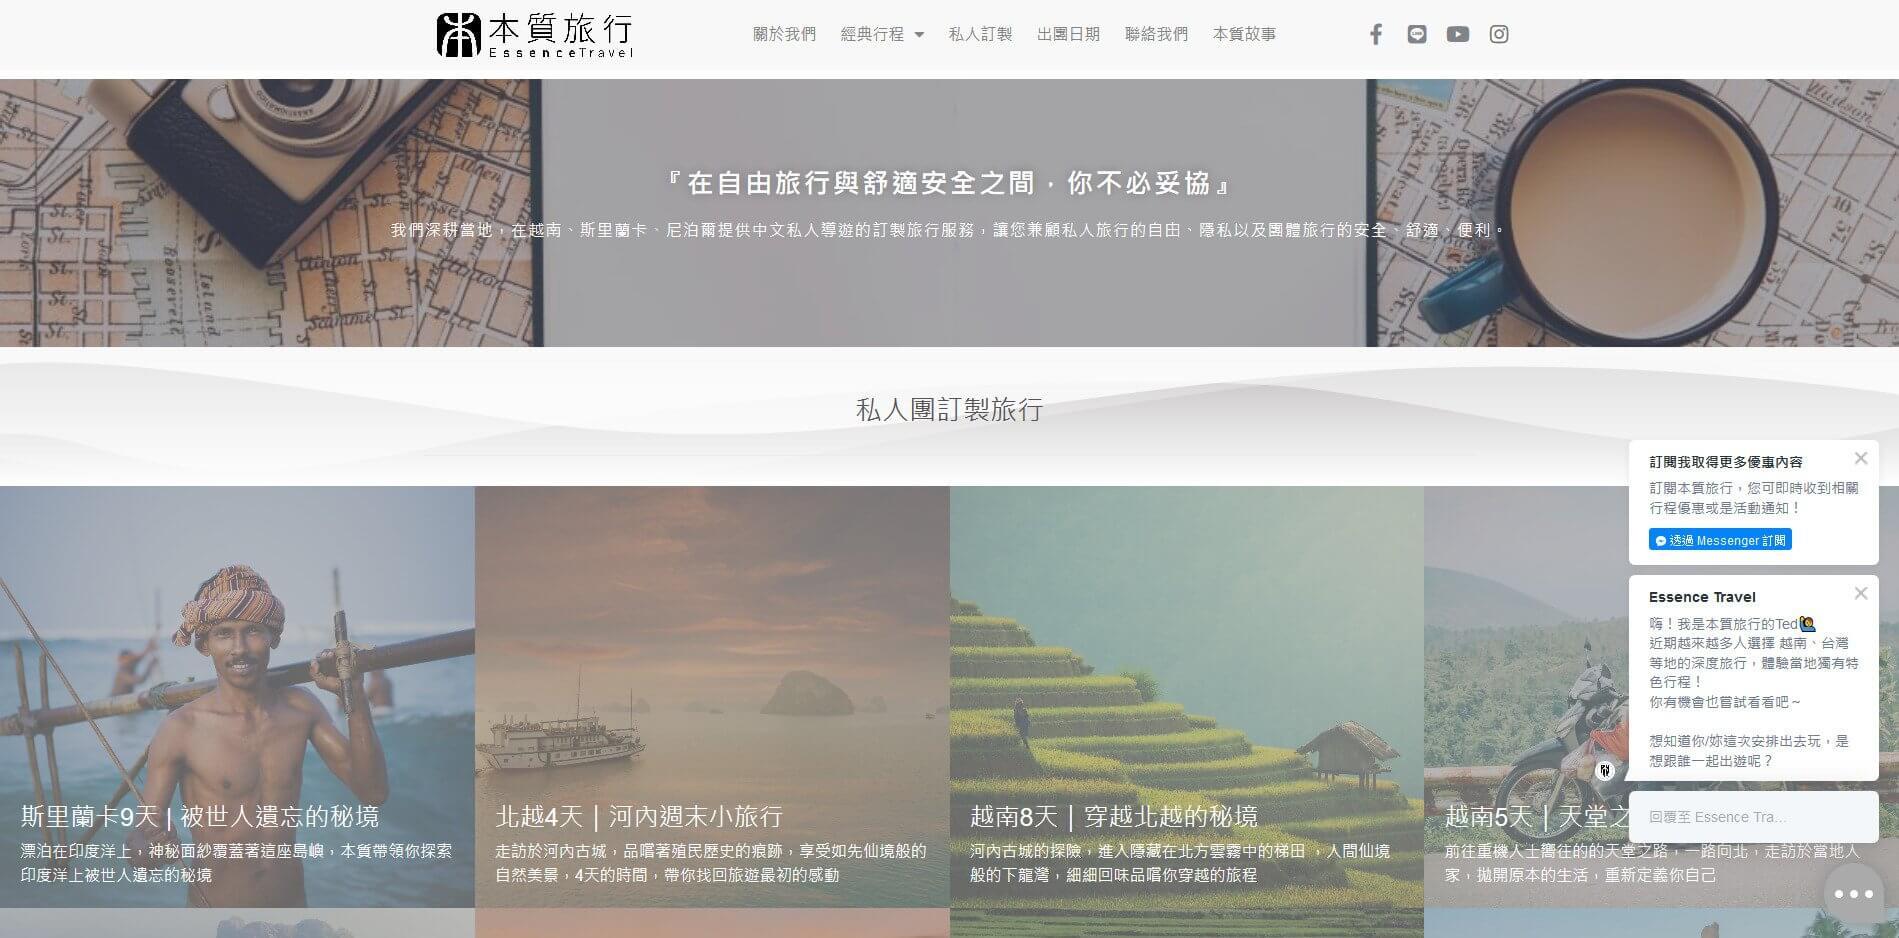 本質旅行 Essence Travel|越南、斯里蘭卡、尼泊爾,中文客製旅行專家(1)